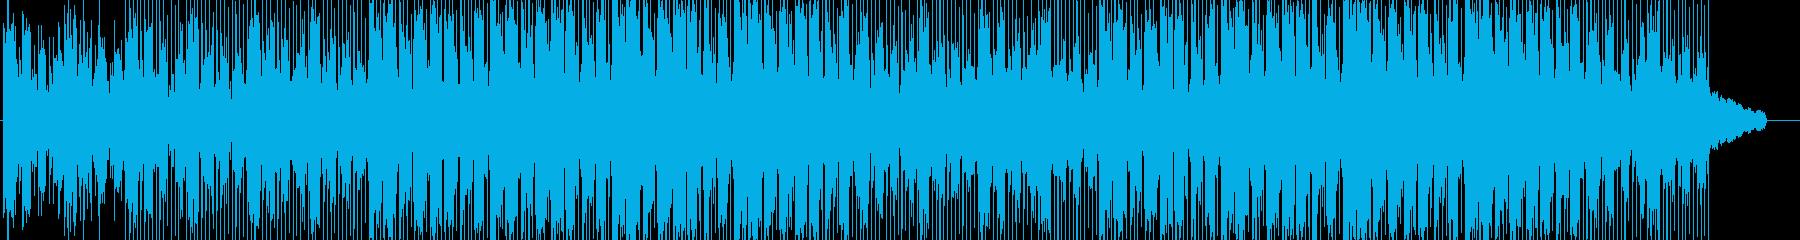 静かで落ち着いた雰囲気のアンビエント曲の再生済みの波形